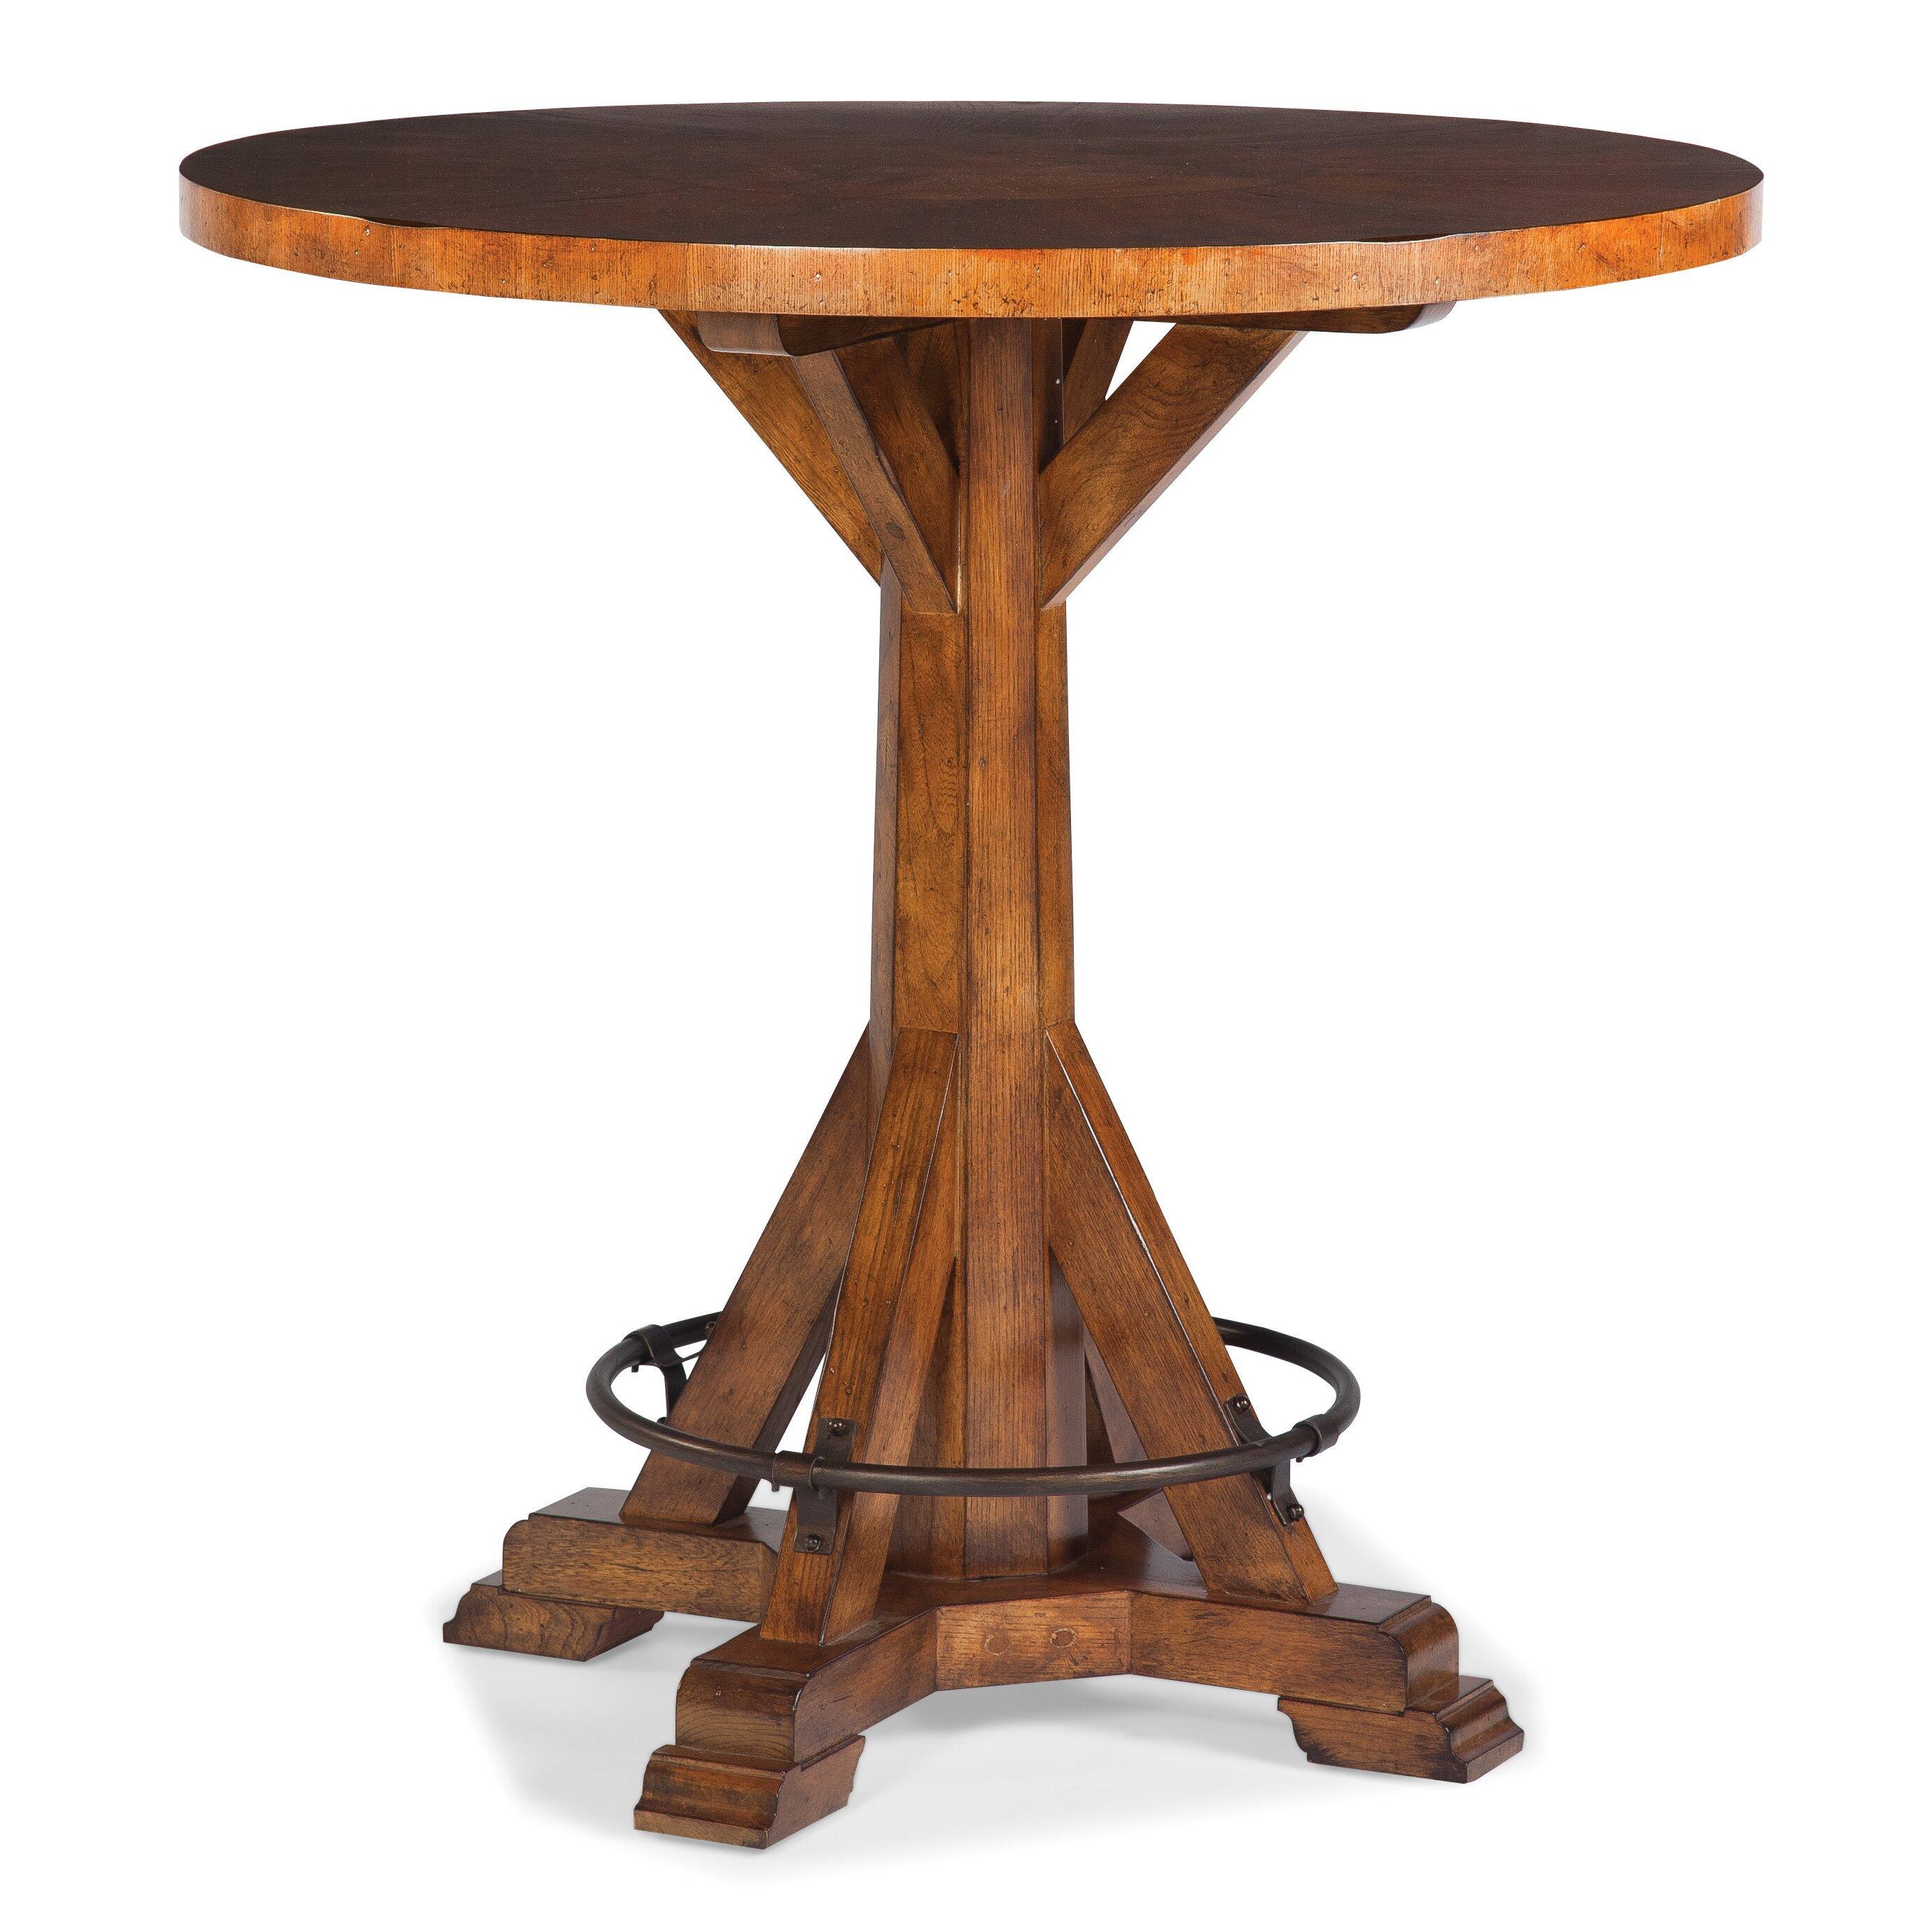 Fairfield Chair Wayfair Lease To Buy Accent Chairs Akron AlaskaRidgeTopInn  com Lease To Buy Accent. Rent Recliners And Accent Chairs Akron   deathrowbook com